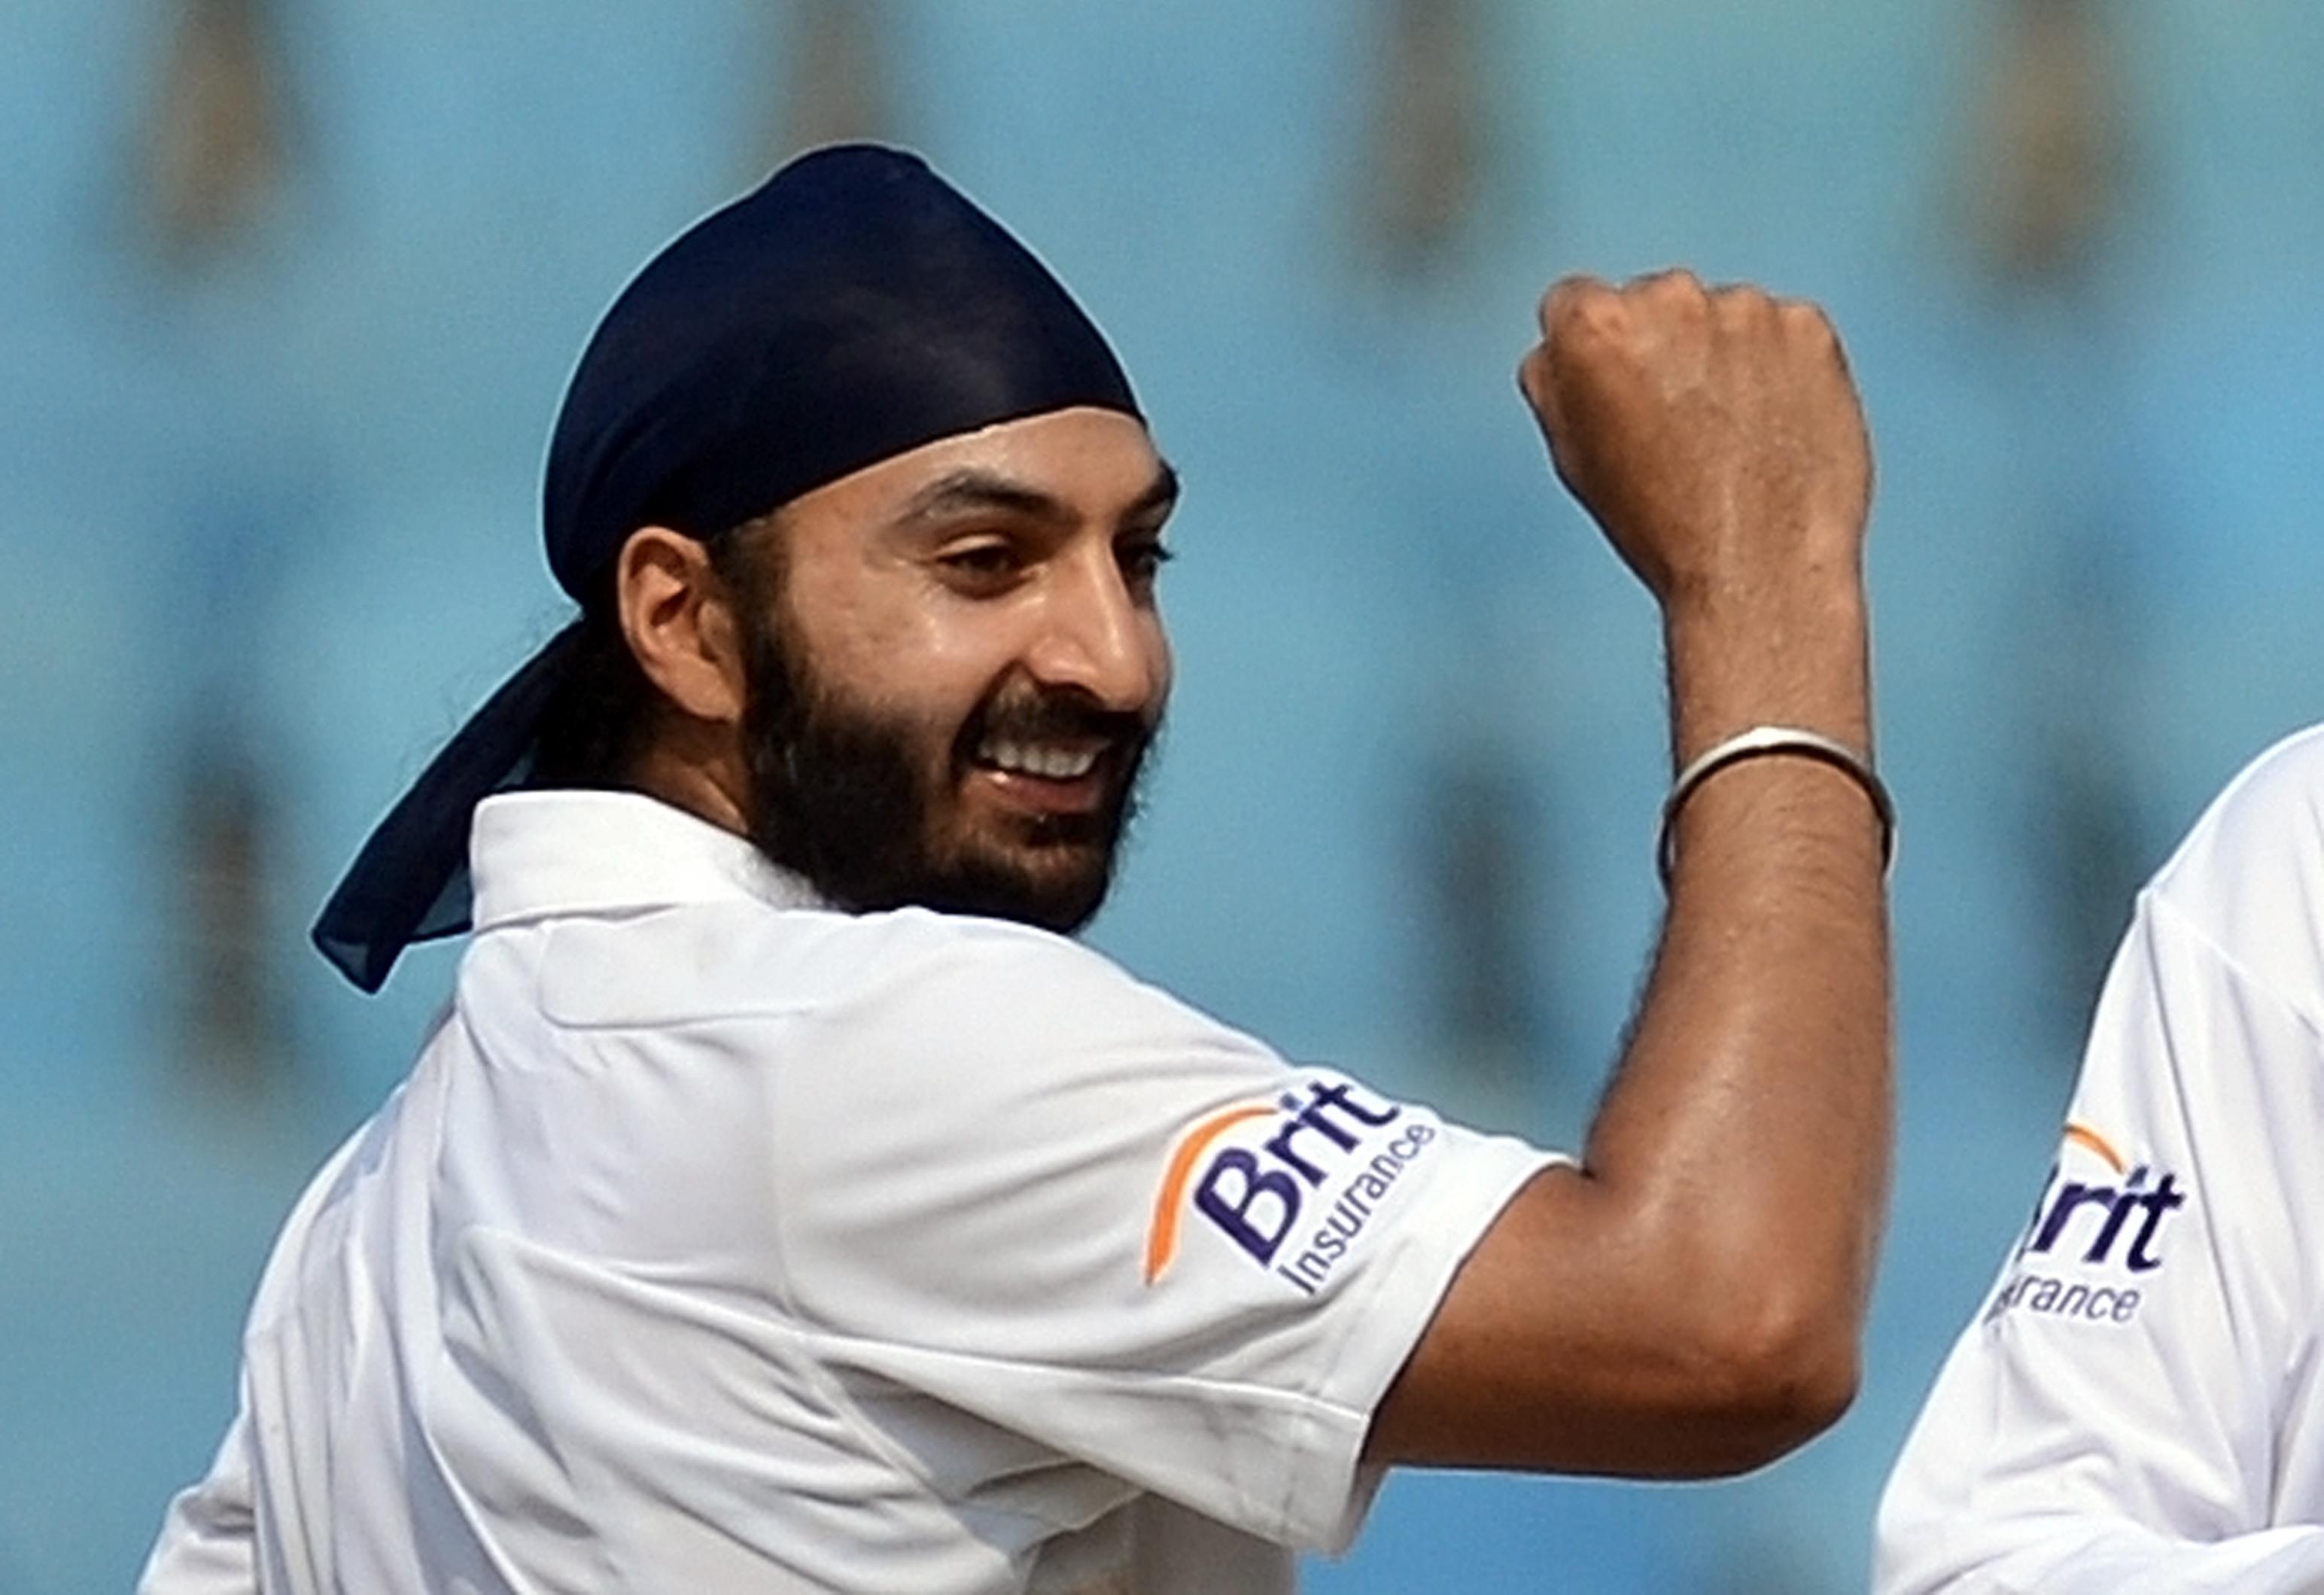 प्रशंसको ने सचिन को दिया है गॉड ऑफ़ क्रिकेट की उपाधि, तो मोंटी पनेसर इन्हें मानते हैं आल टाइम क्रिकेट का भगवान 7